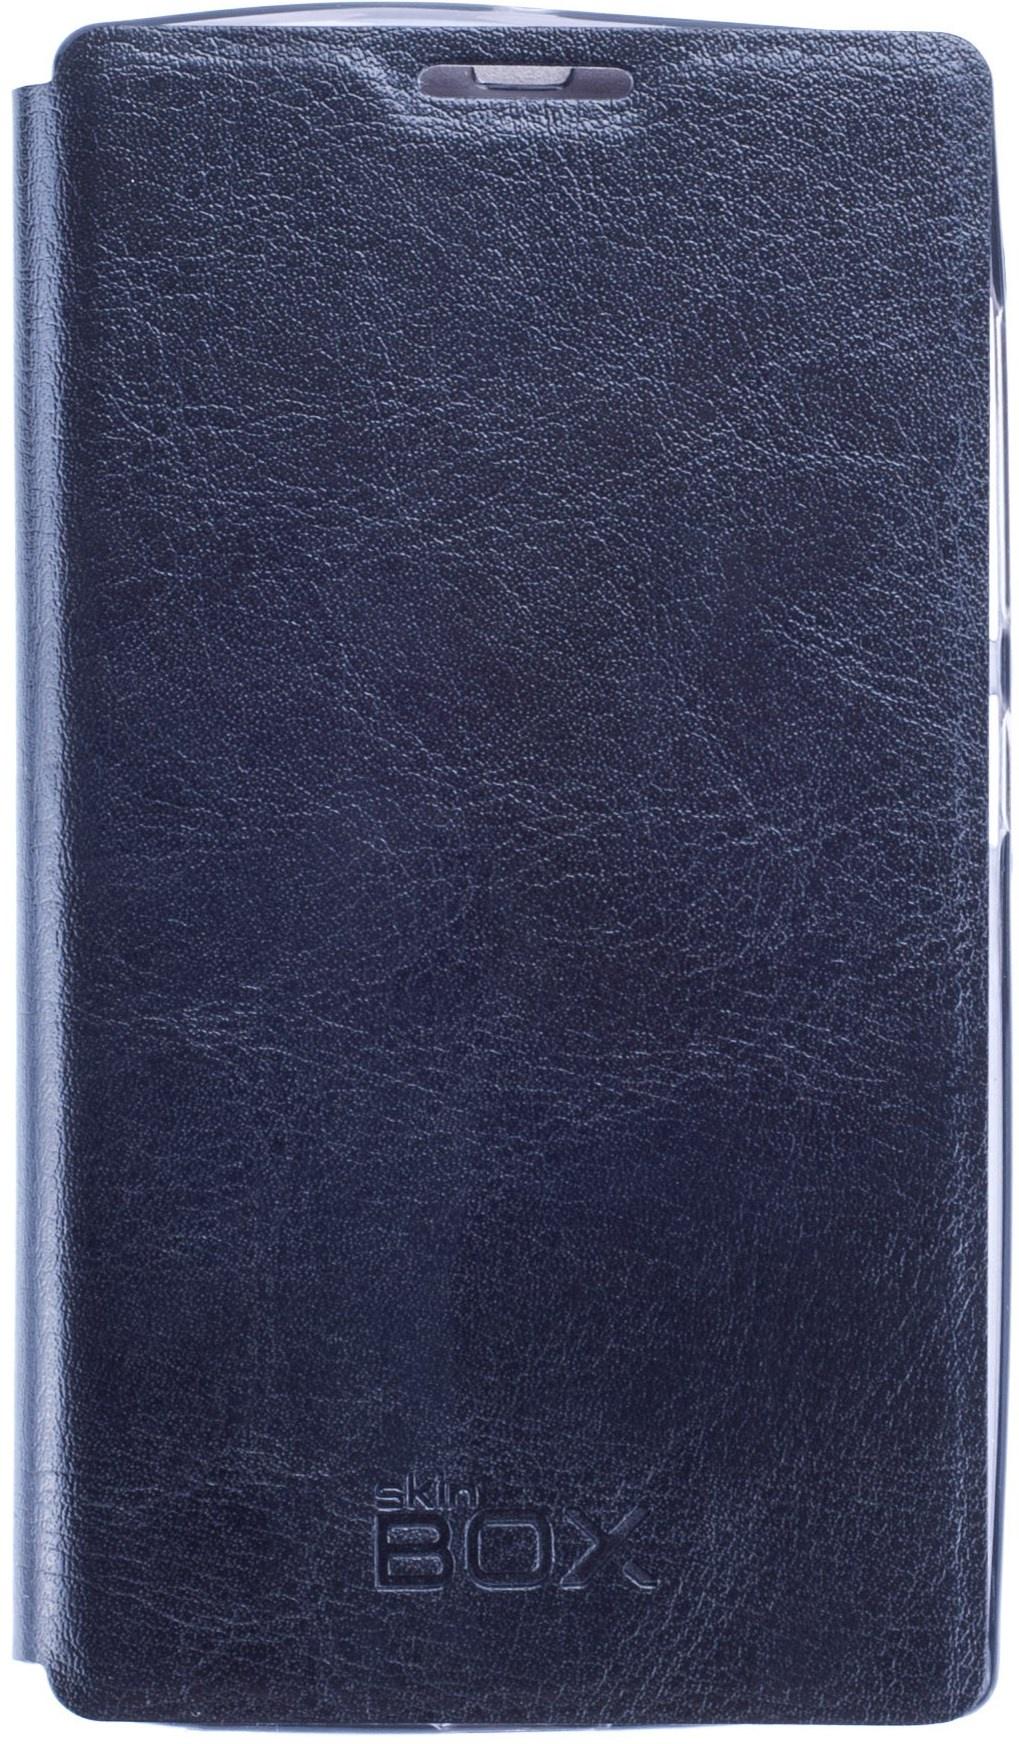 Чехол для сотового телефона skinBOX Lux, 4630042525559, черный цена